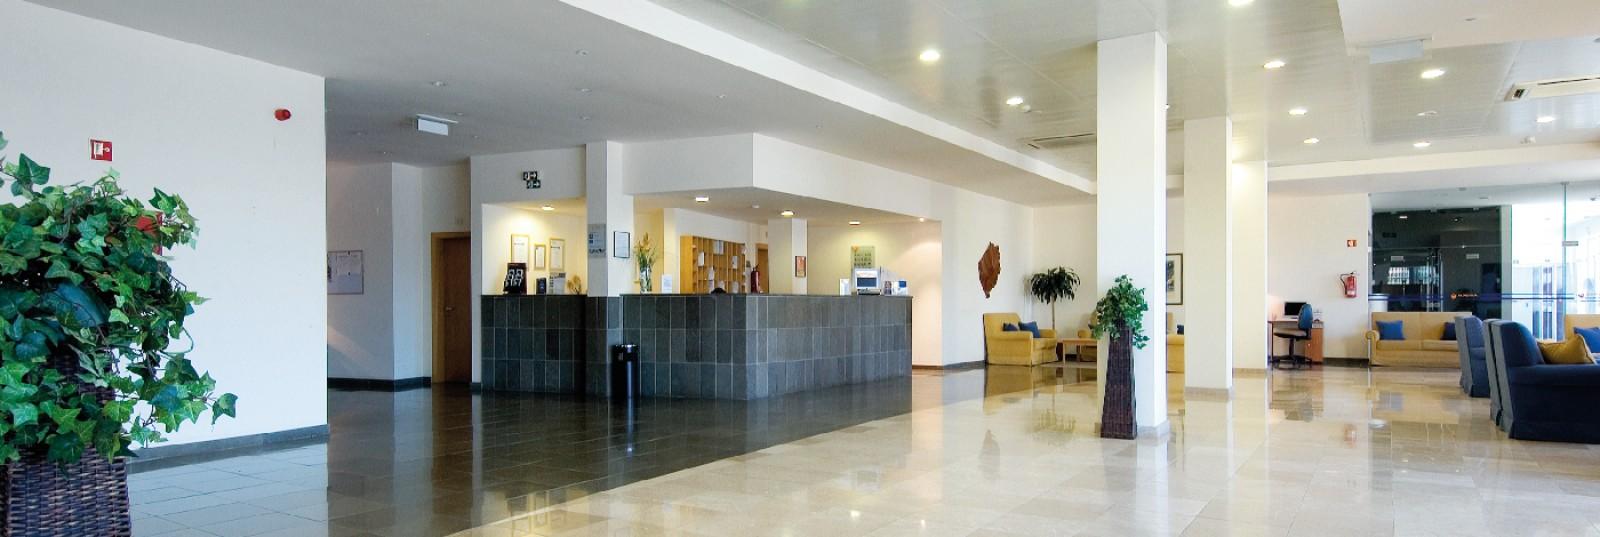 Hotel Eurosol Alcanena - Receção